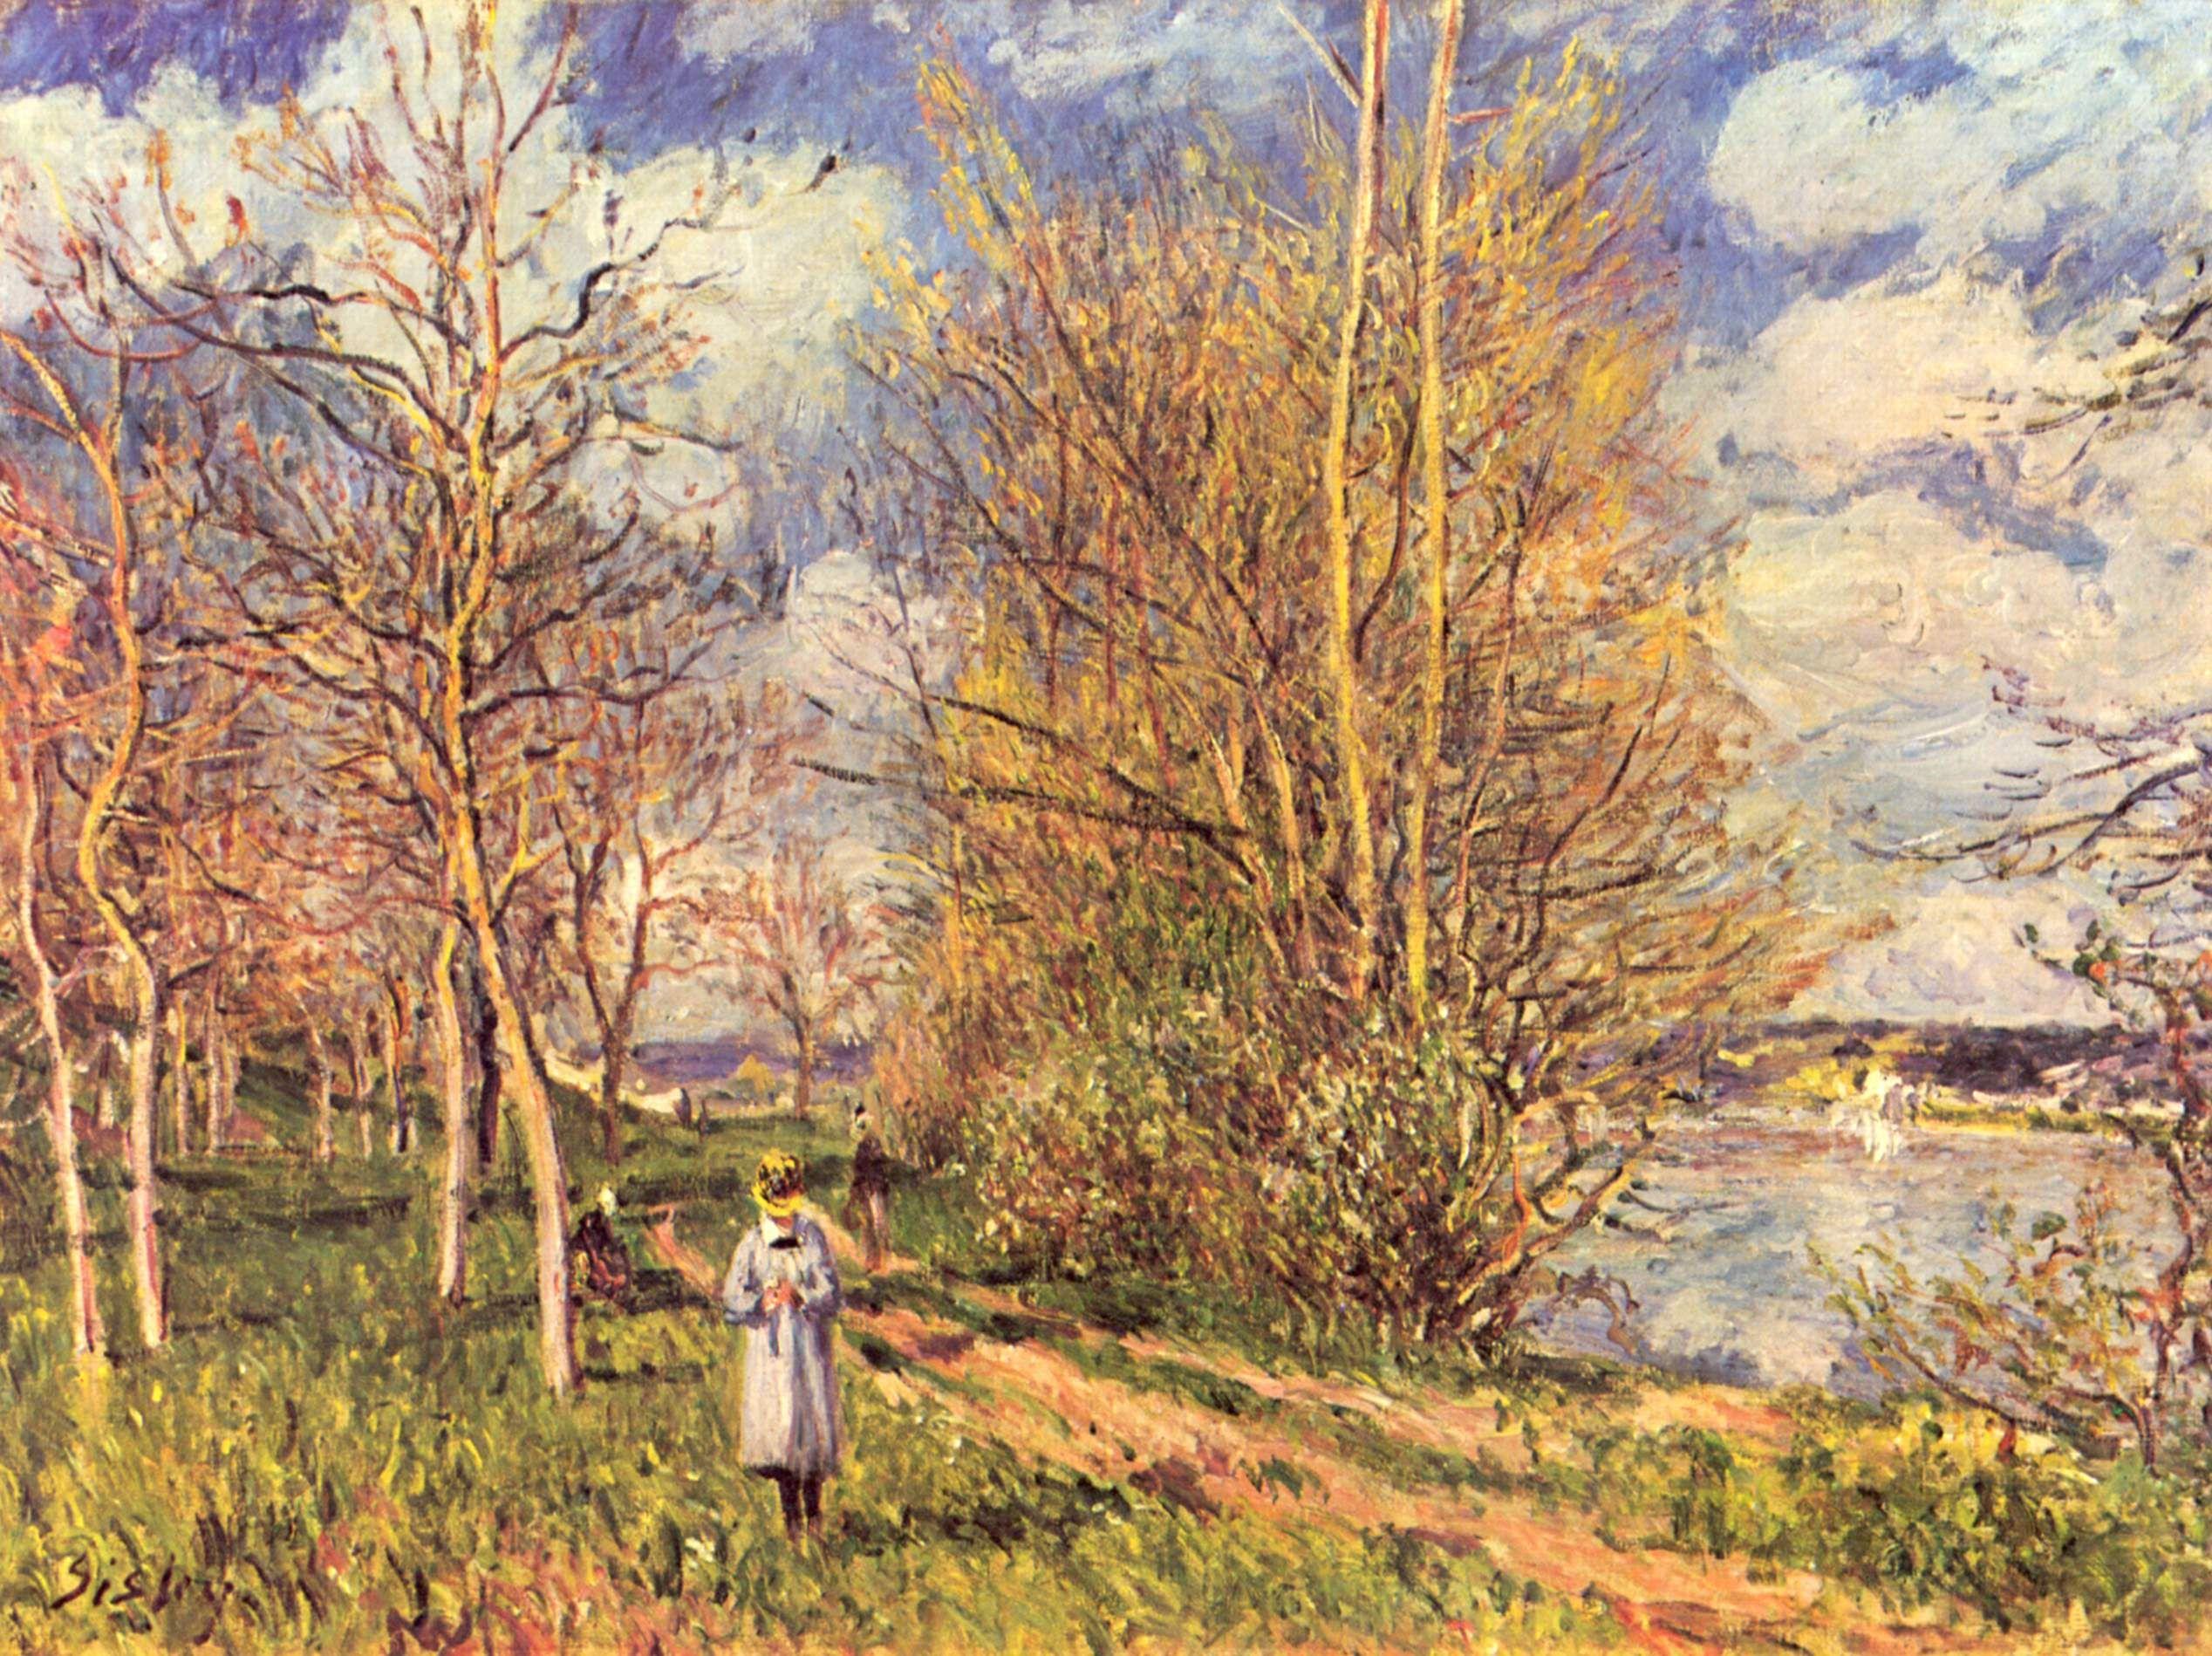 sisley paintings | Small Meadows in Spring - Alfred Sisley - WikiPaintings.org | Peintures ...